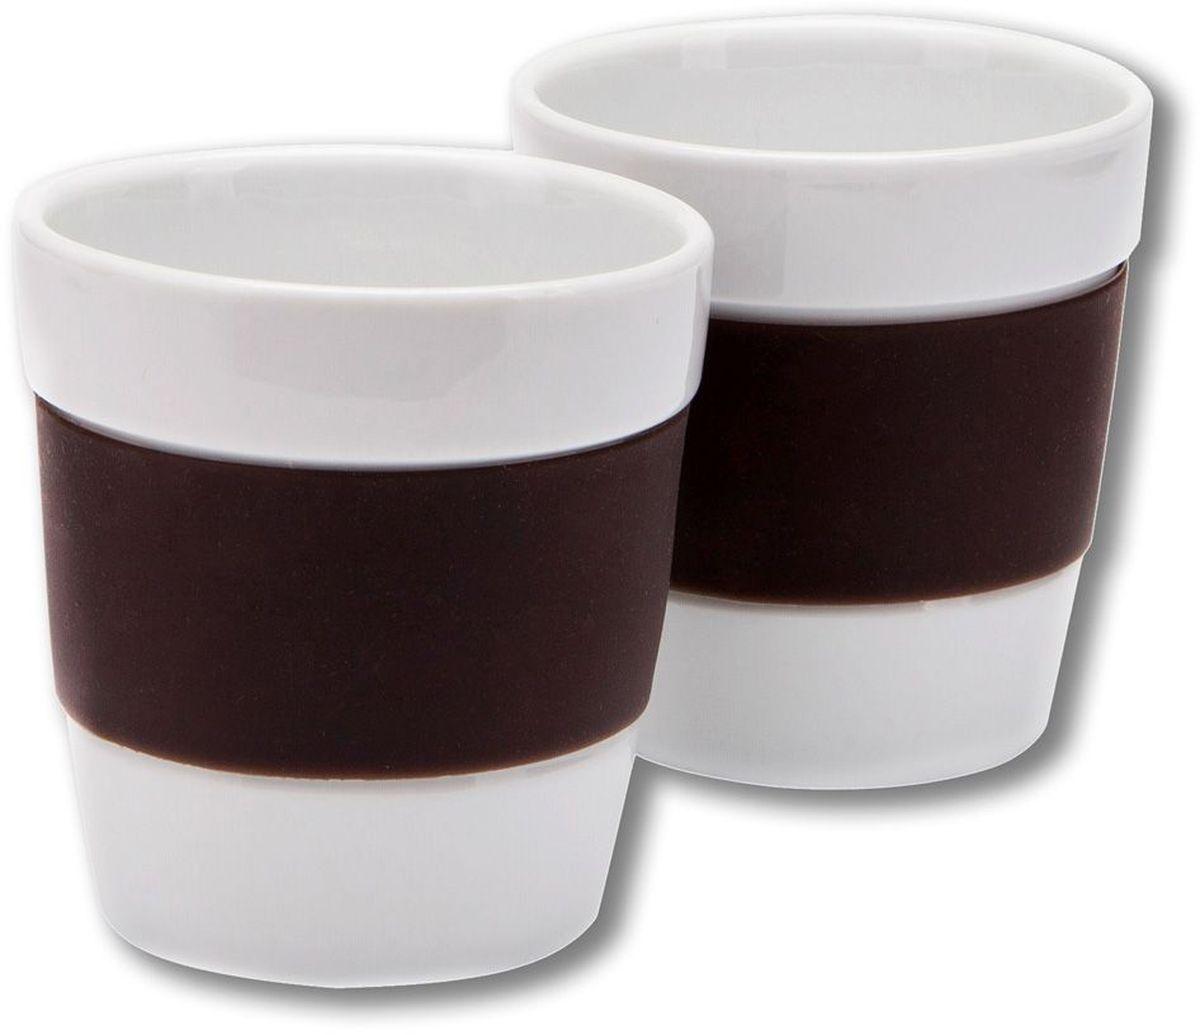 Набор стаканов MoulinVilla, цвет: коричневый, 250 мл, 2 штLIV-250BRНабор из 2 фарфоровых стаканов с силиконом 250 мл коричневый